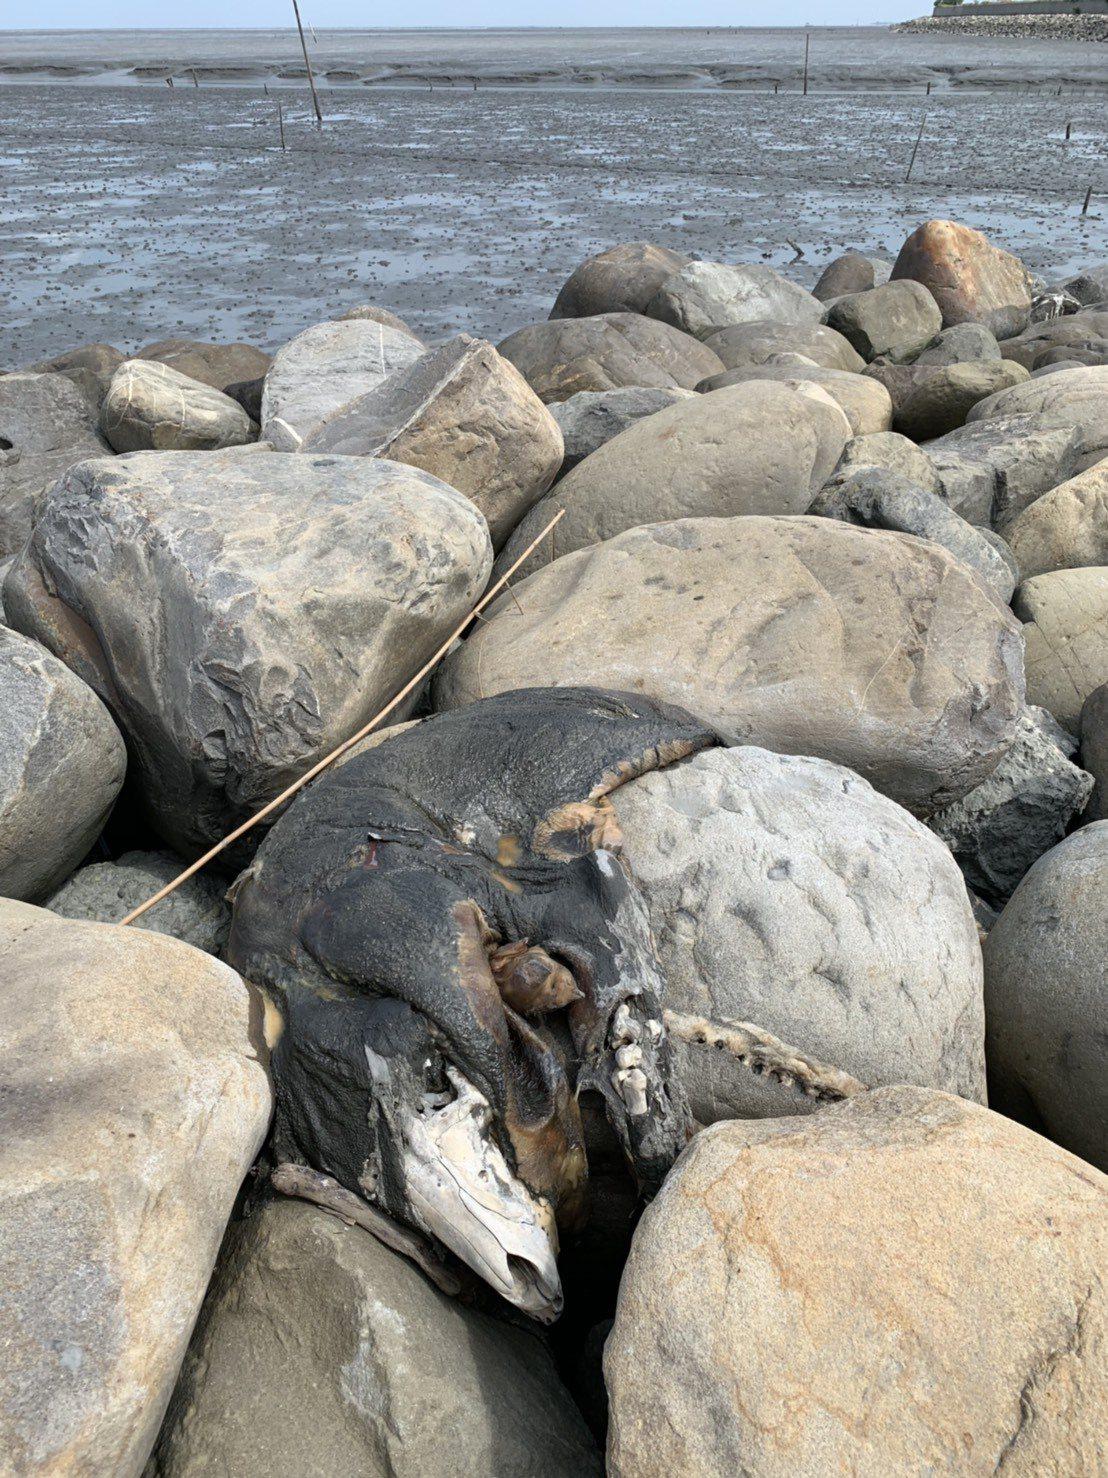 彰化舉行淨灘活動,學生在大城鄉西港村魚寮溪口發現豬隻屍體。圖/立委洪宗熠提供